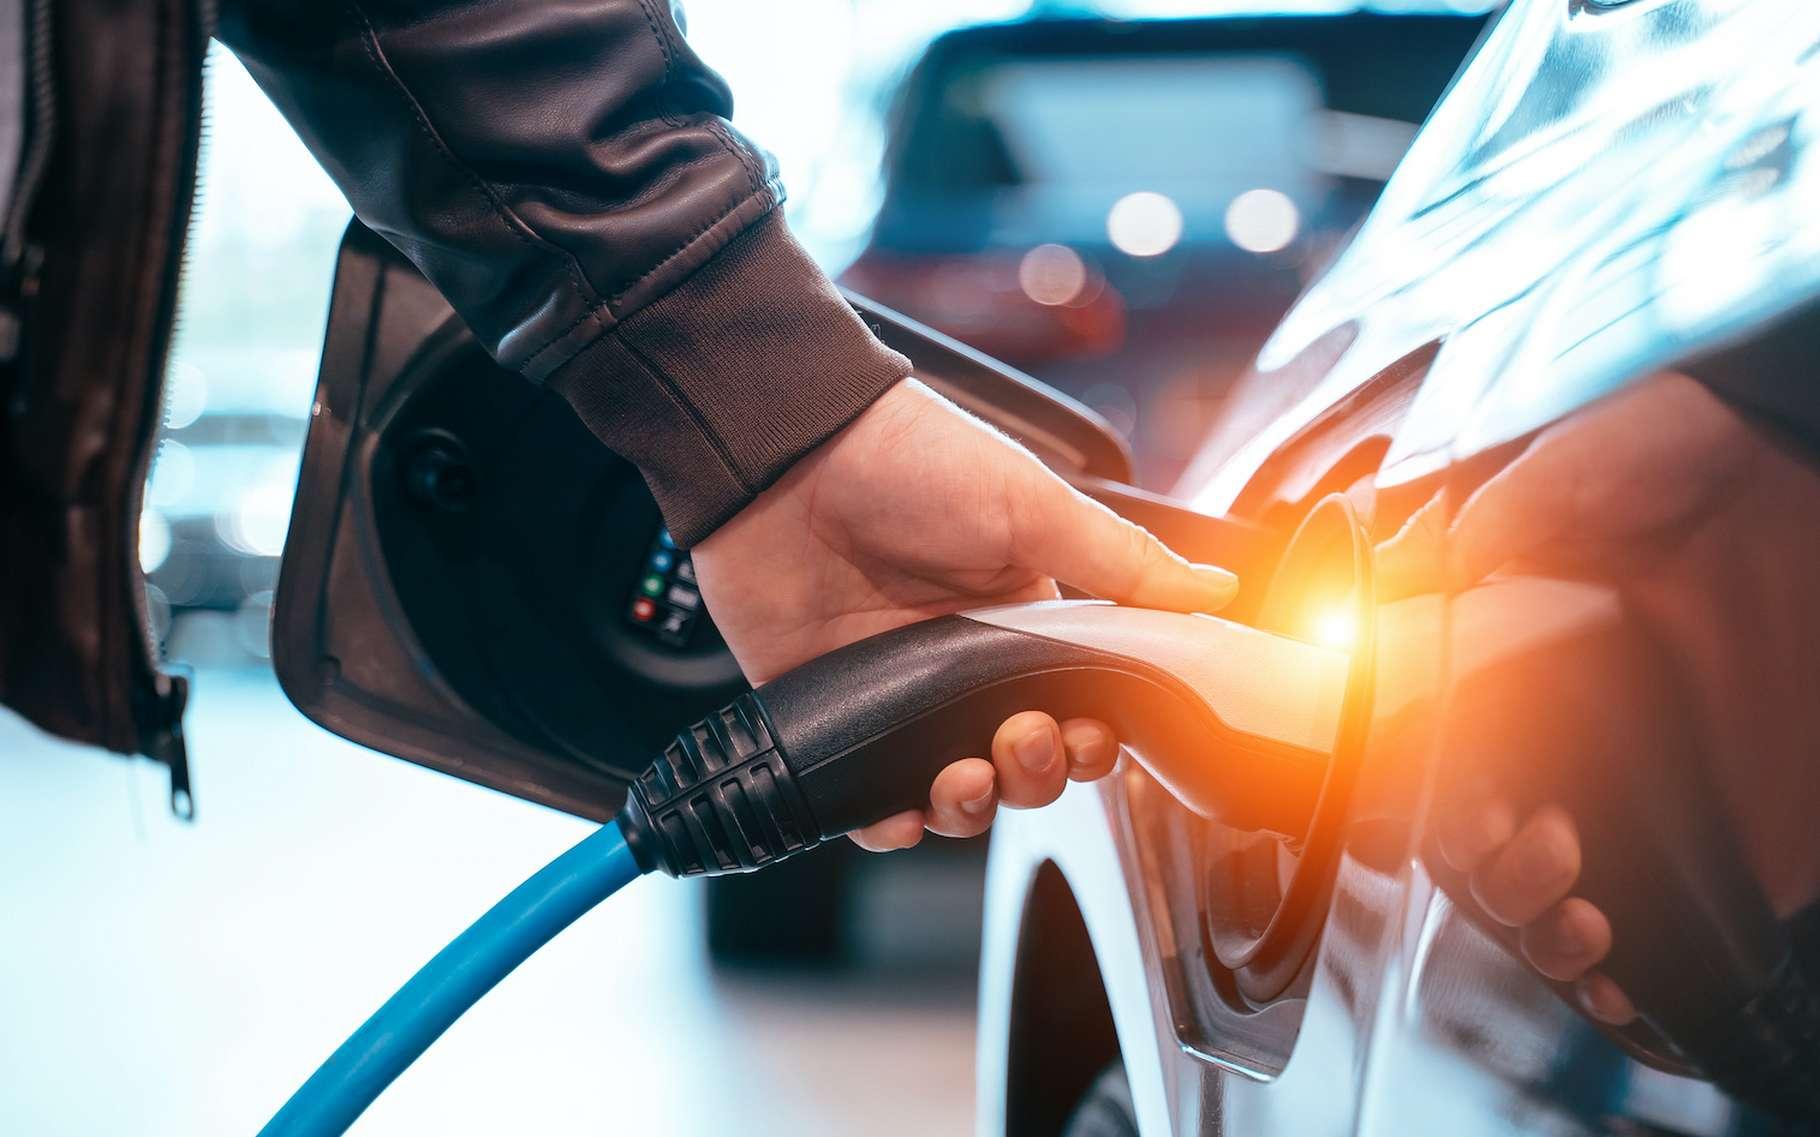 En milieu urbain, la voiture électrique est idéale, mais le problème de sa recharge est un frein à son développement. © teksomolika, Adobe Stock